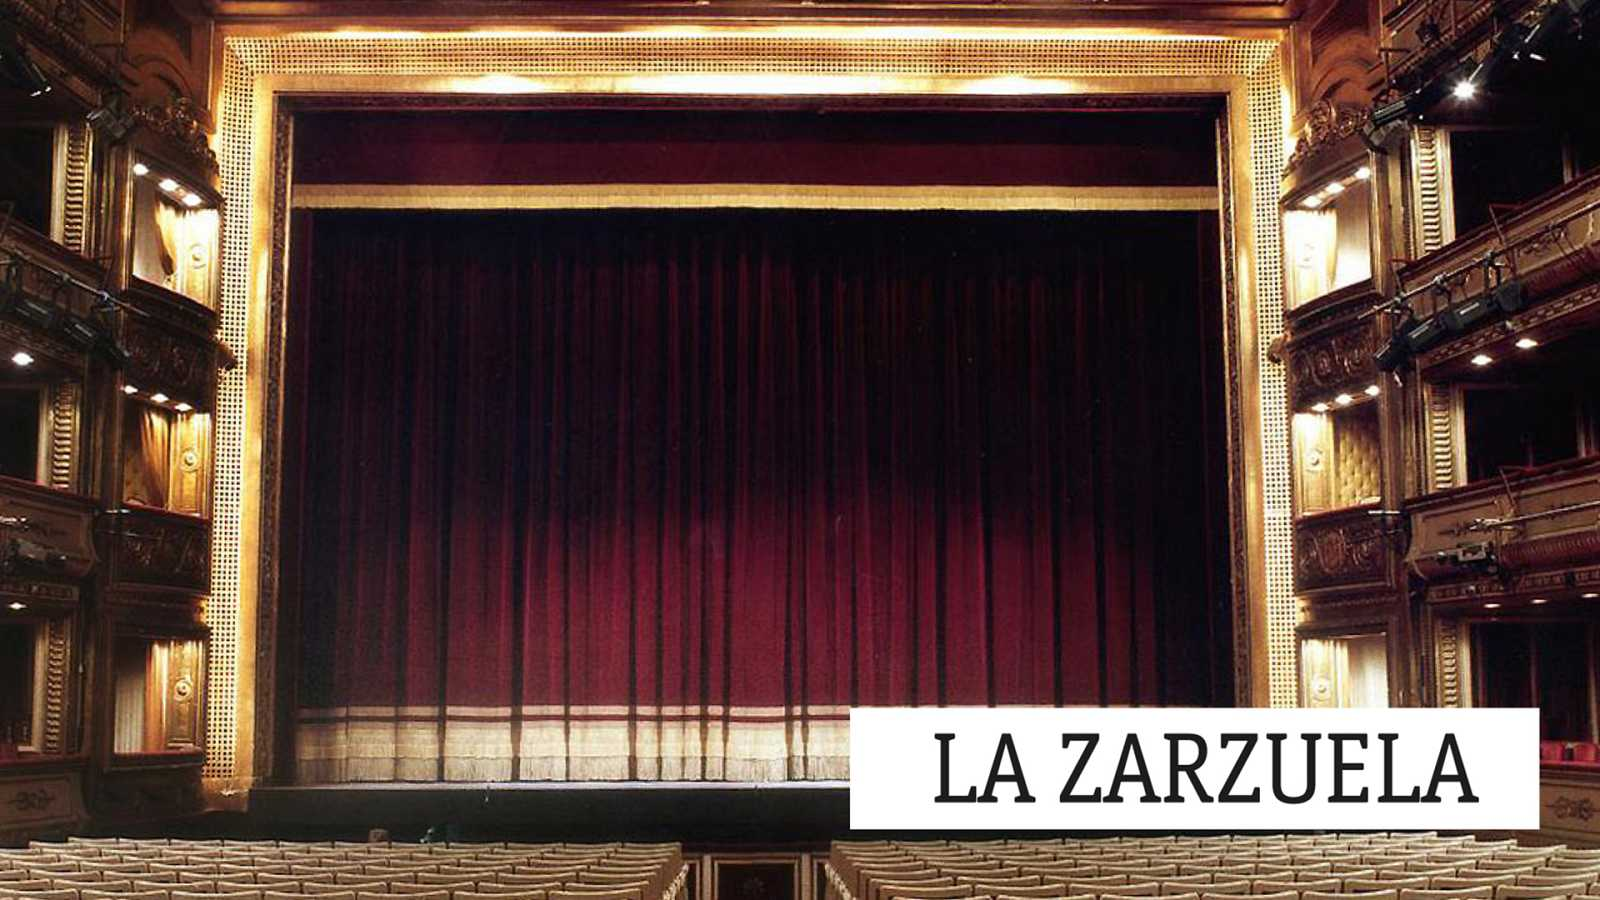 La zarzuela - Benamor, de Pablo Luna, en el Teatro de la Zarzuela - 14/04/21 - escuchar ahora